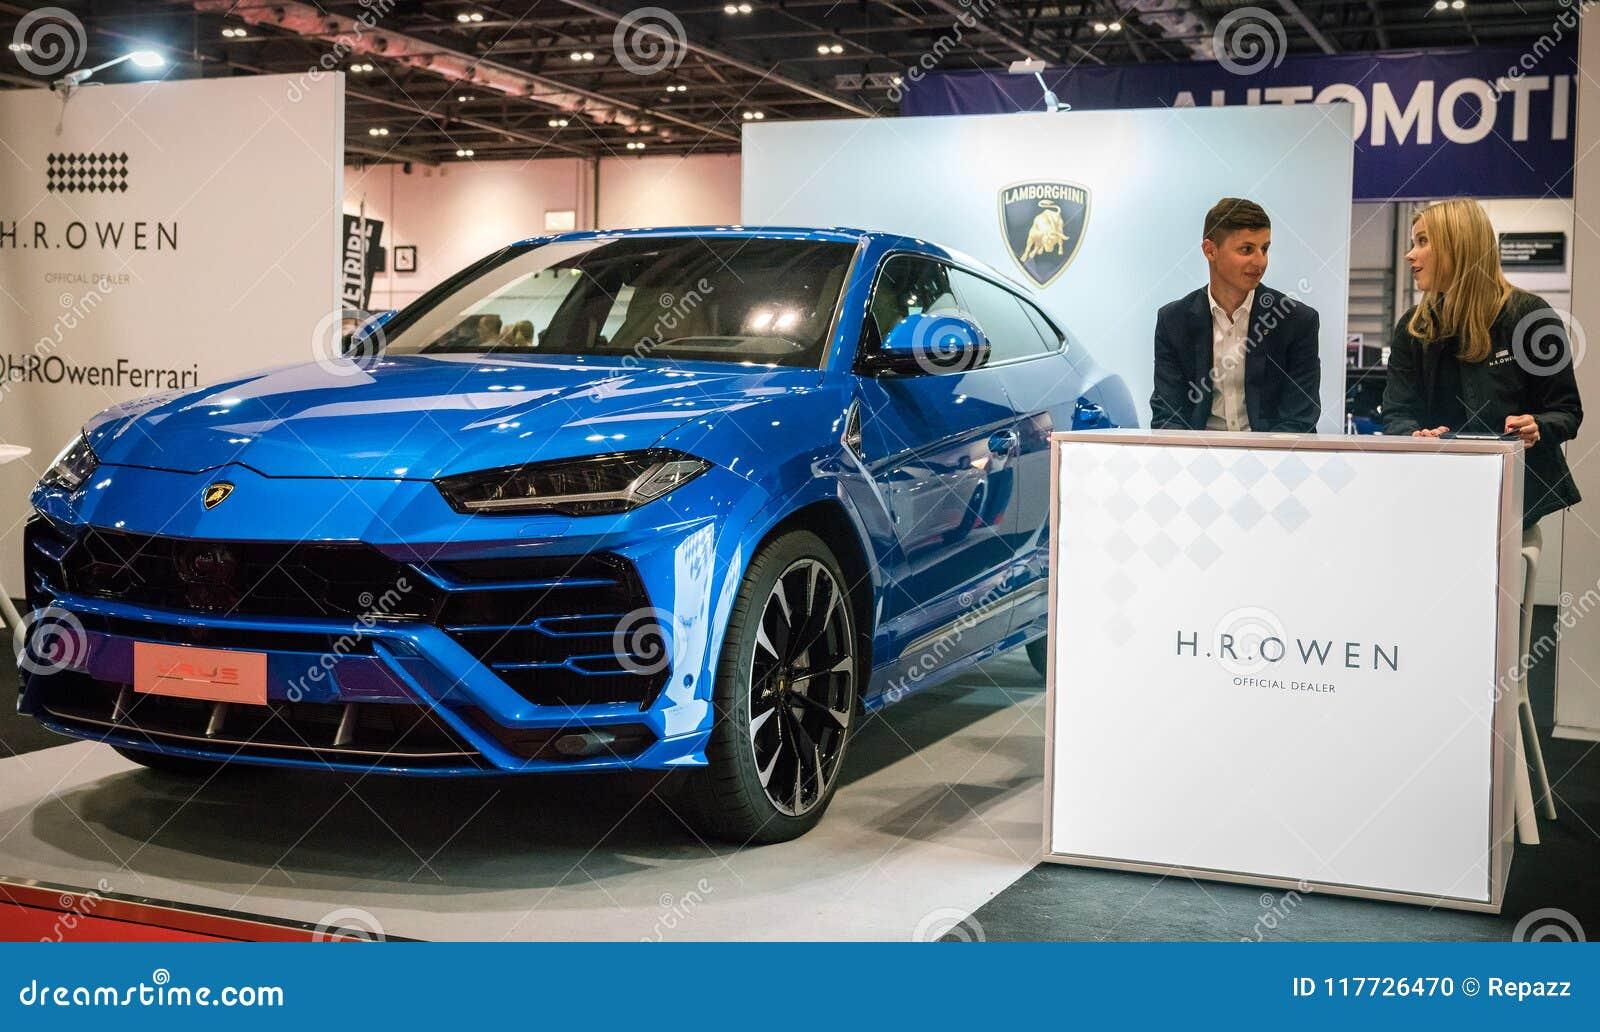 Elegant SUV Lamborghini Urus In Blue Editorial Image , Image